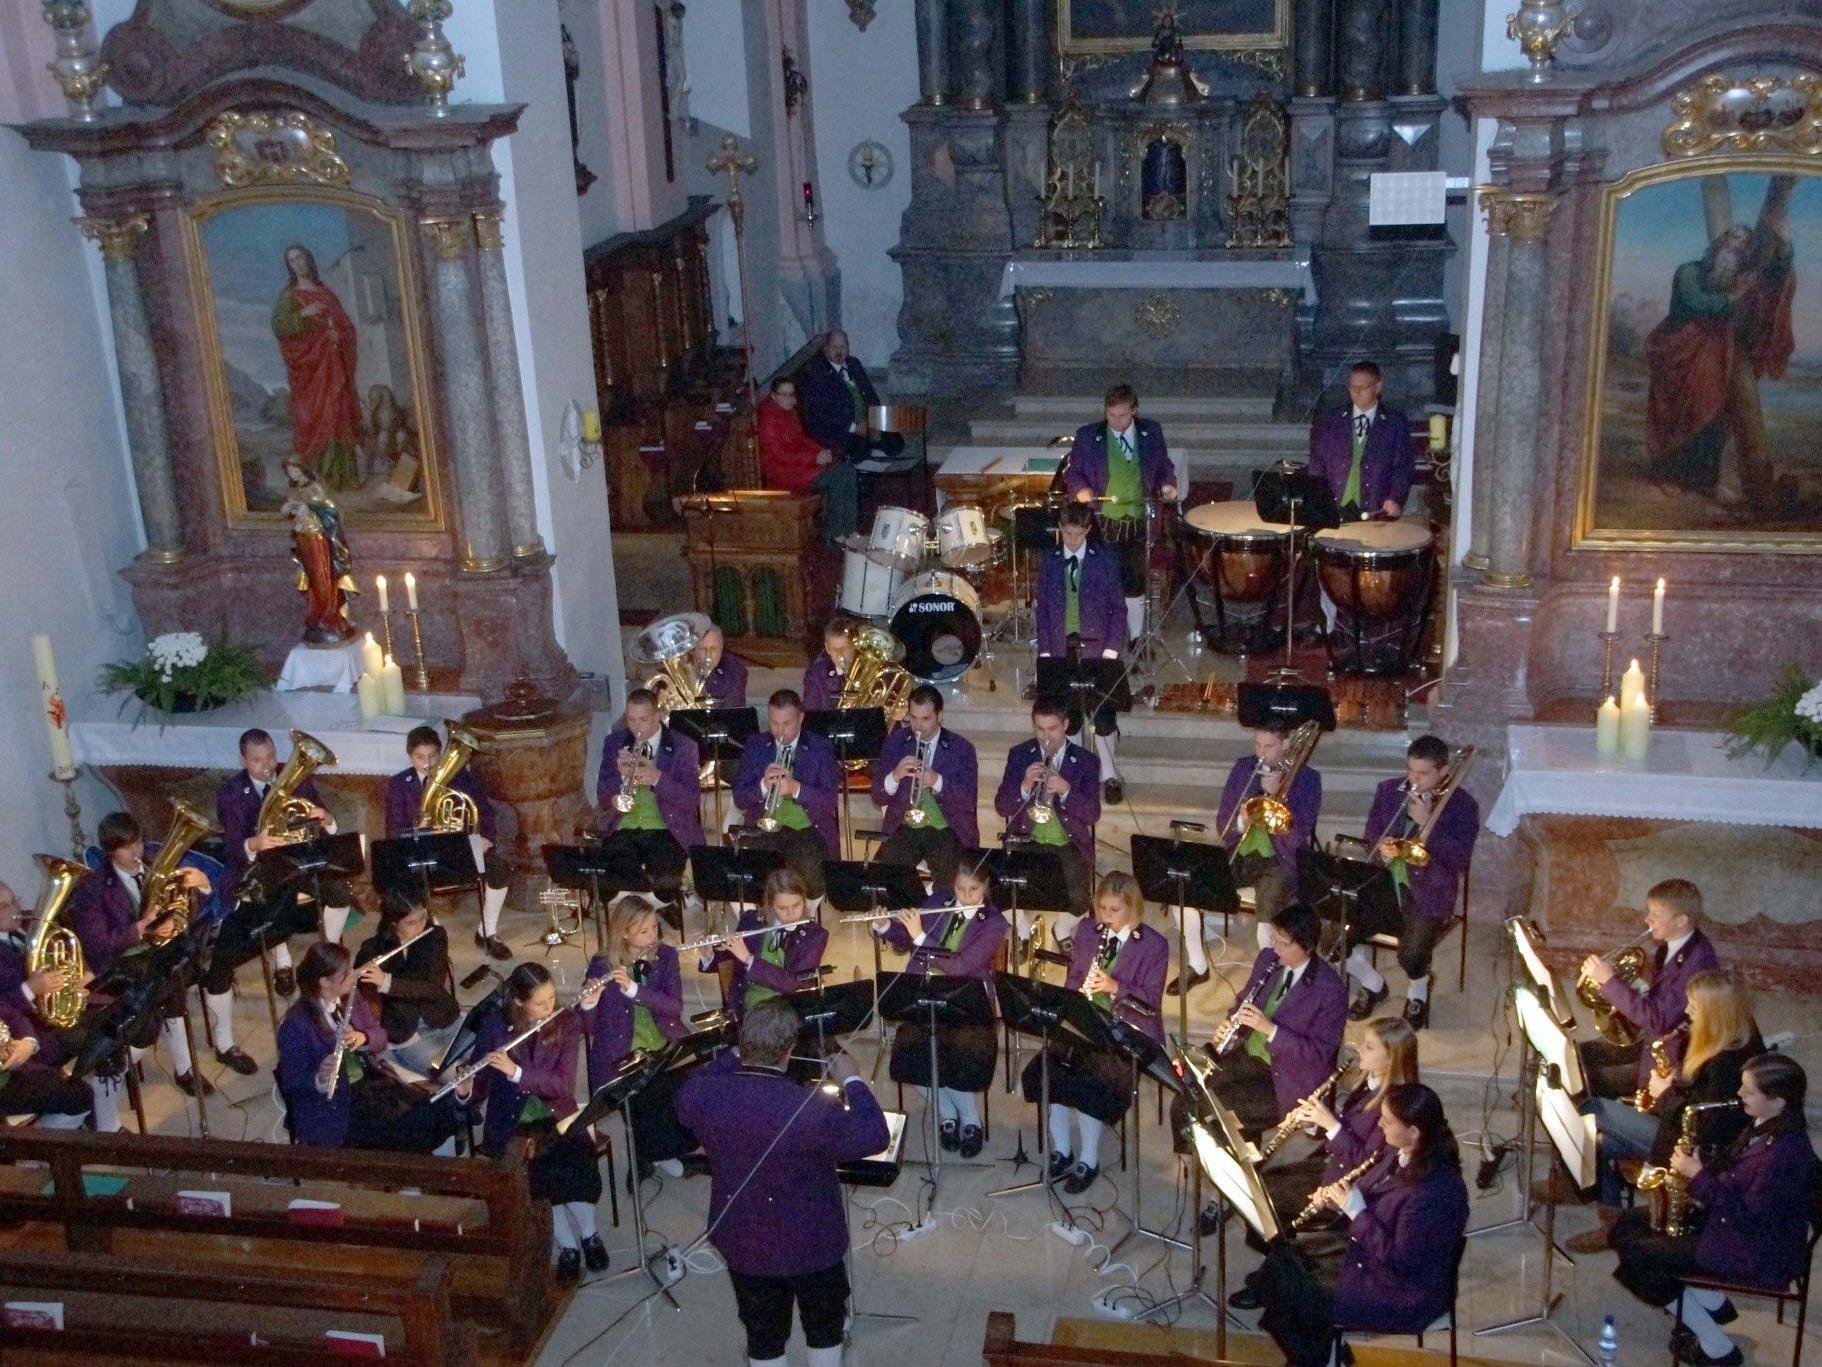 Der Musikverein Thüringen zauberte Adventstimmung in die Herzen der Zuhörer.